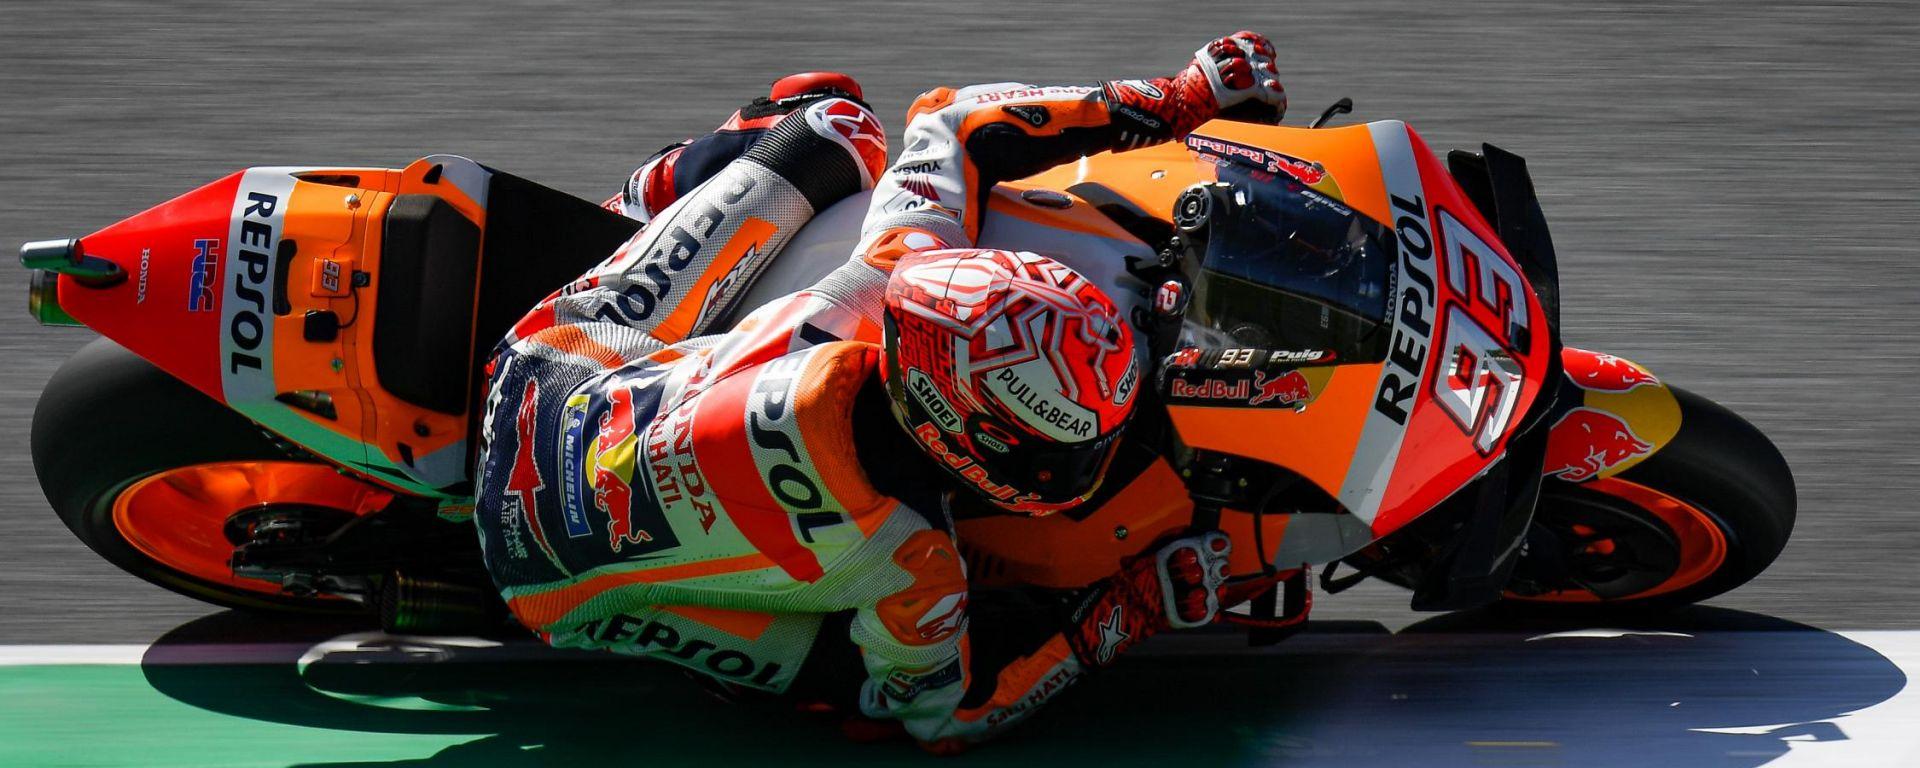 MotoGP Mugello: Marquez ruba la scia a Dovi ed è pole! 3° Petrucci